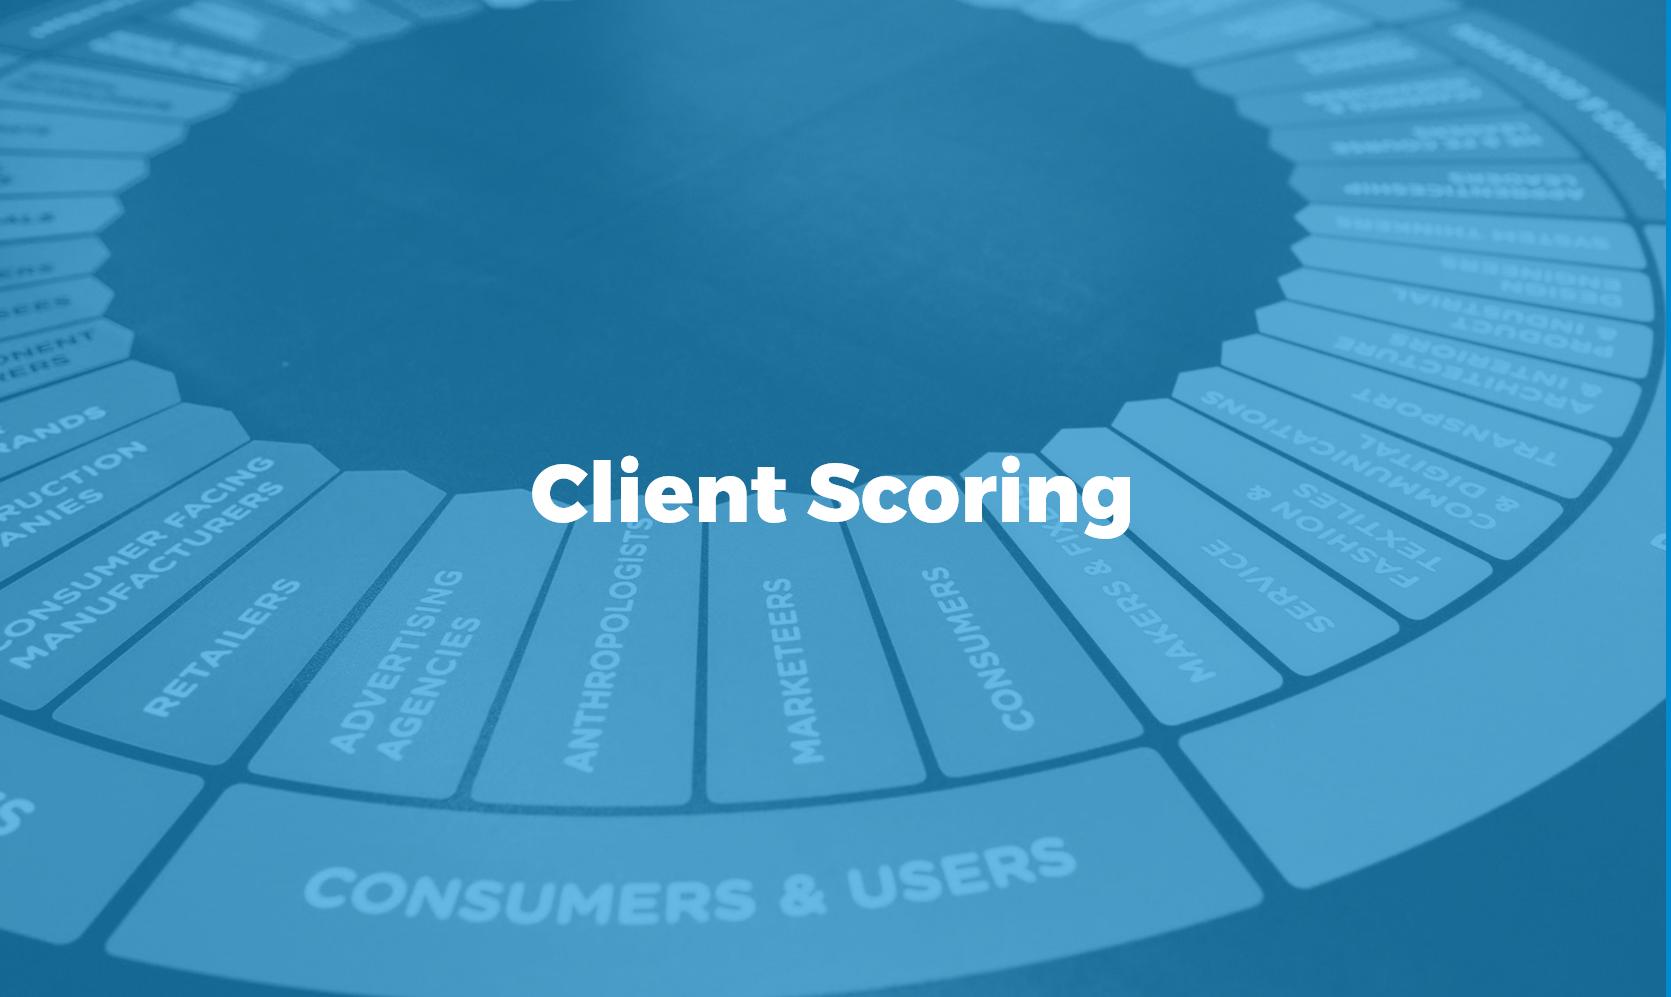 Client scoring